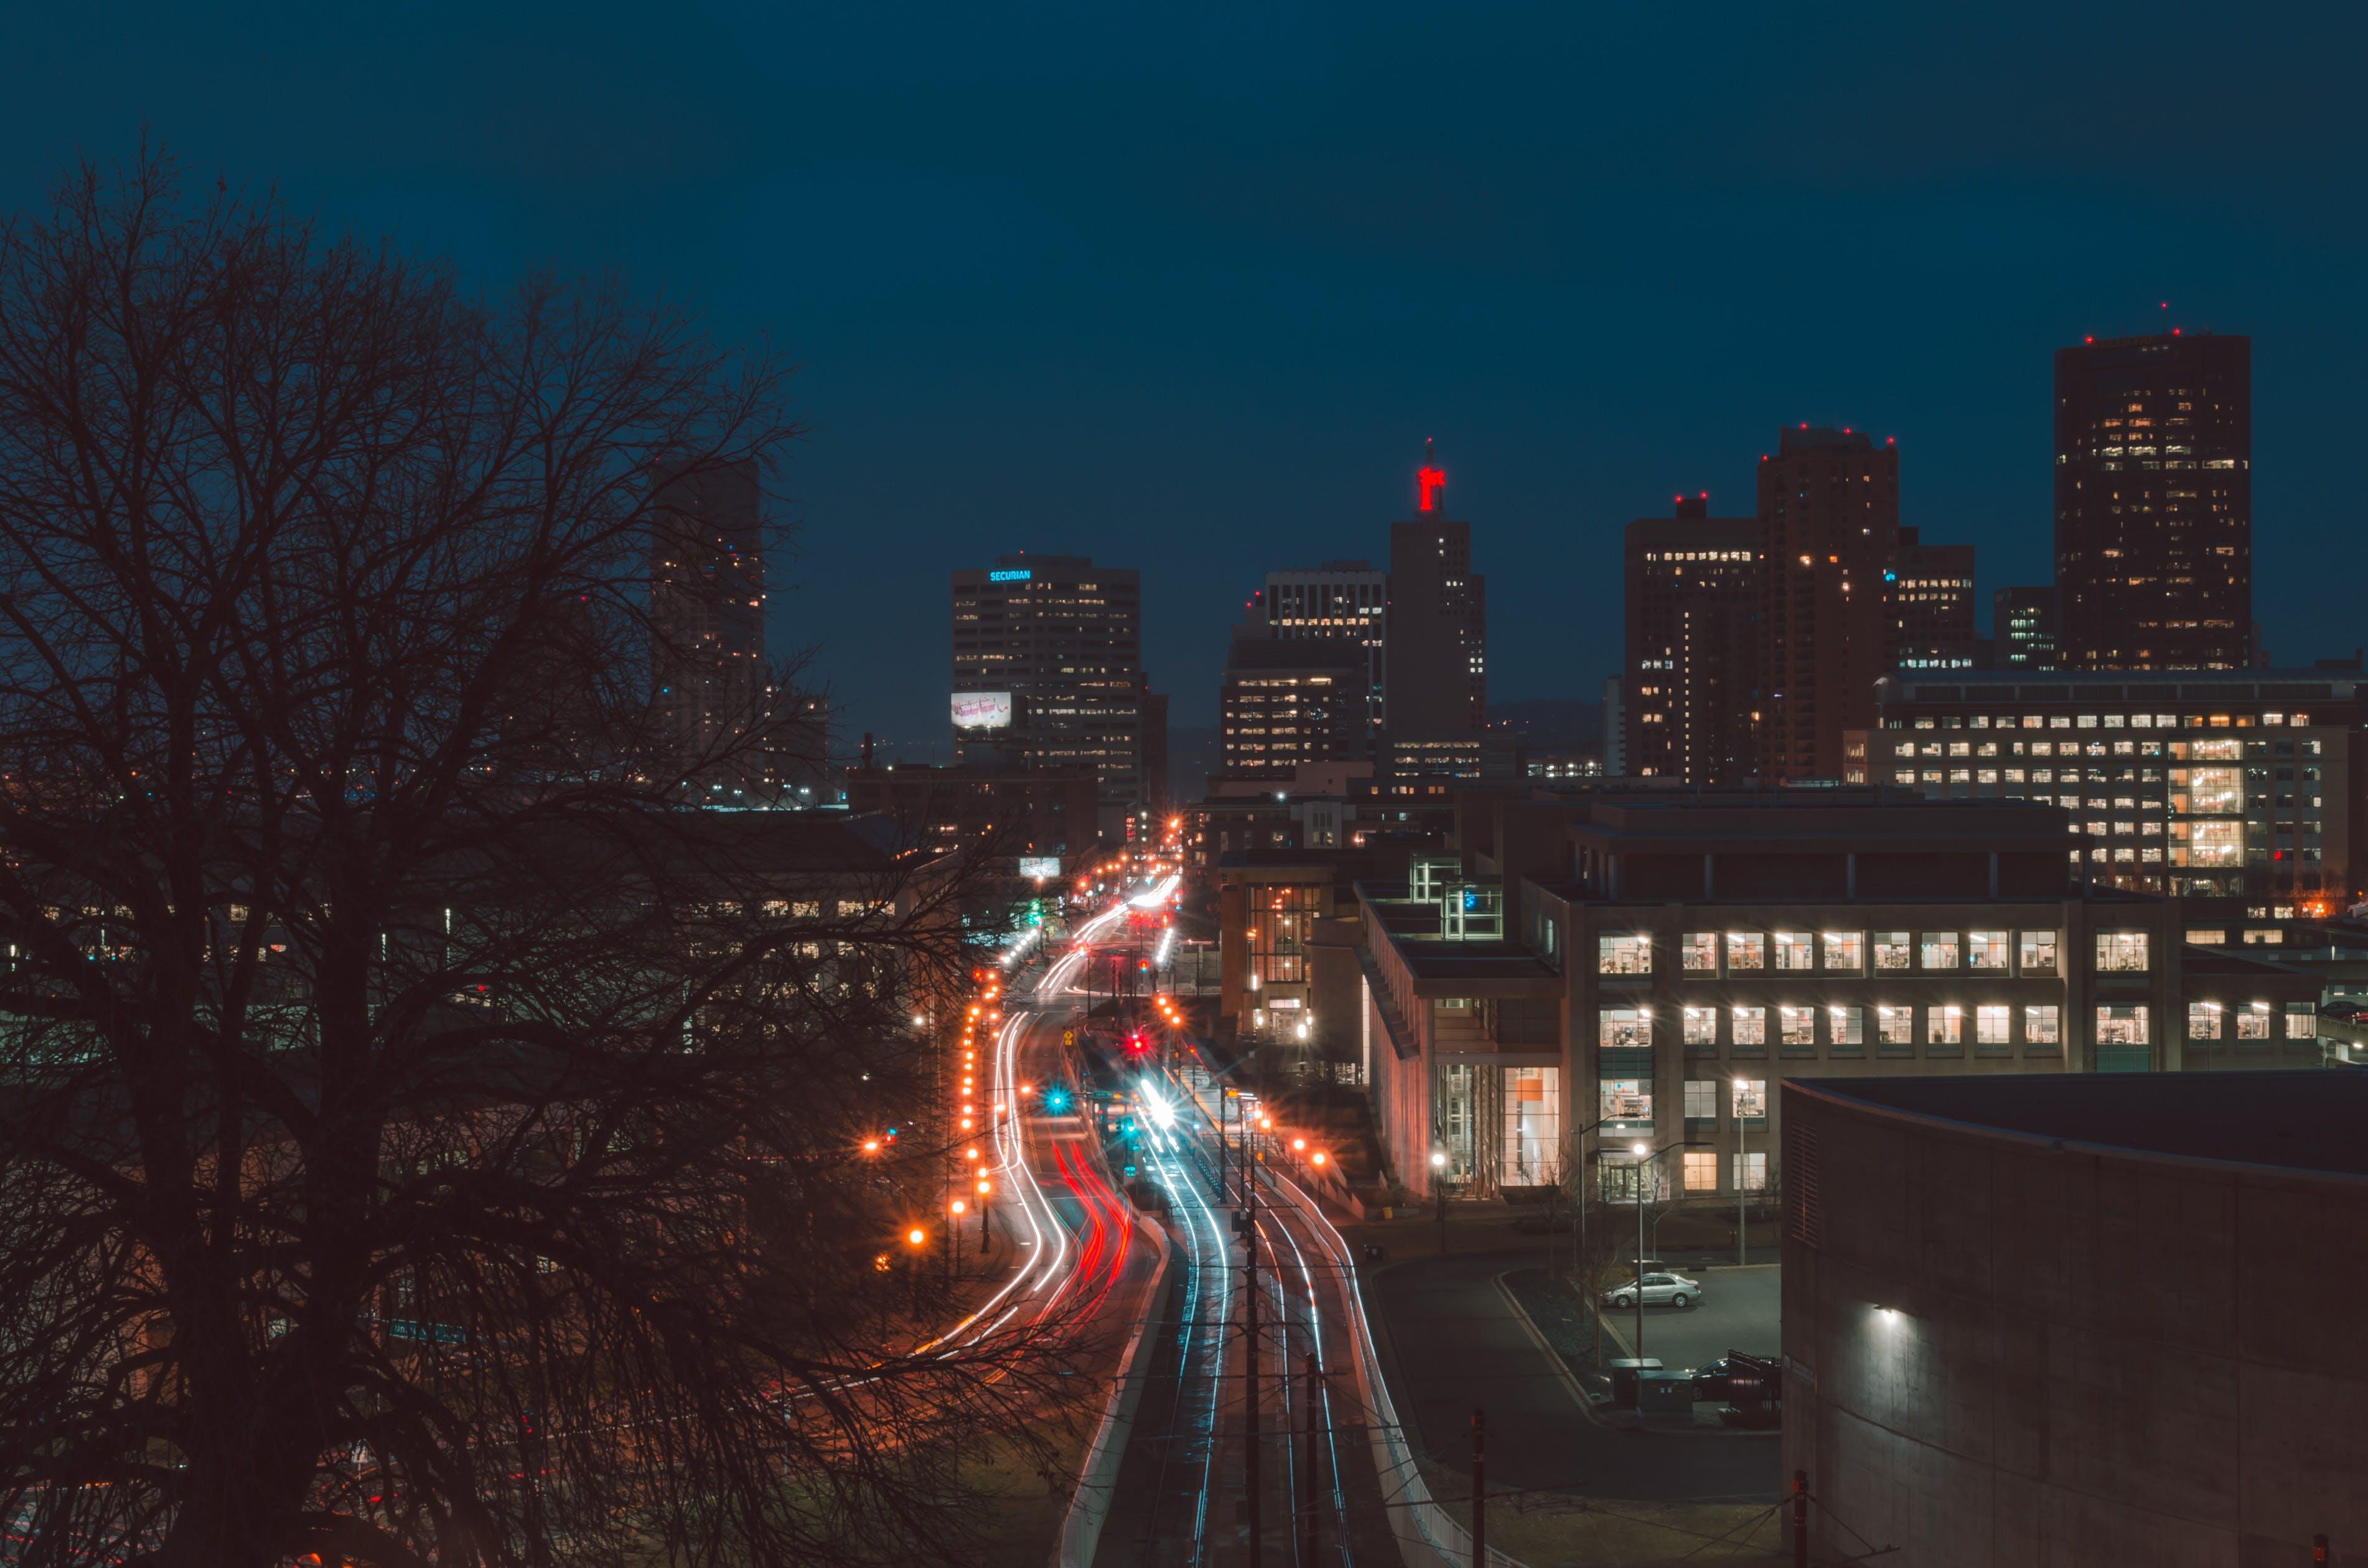 Kostenloses Stock Foto zu abend, architektur, autobahn, bäume